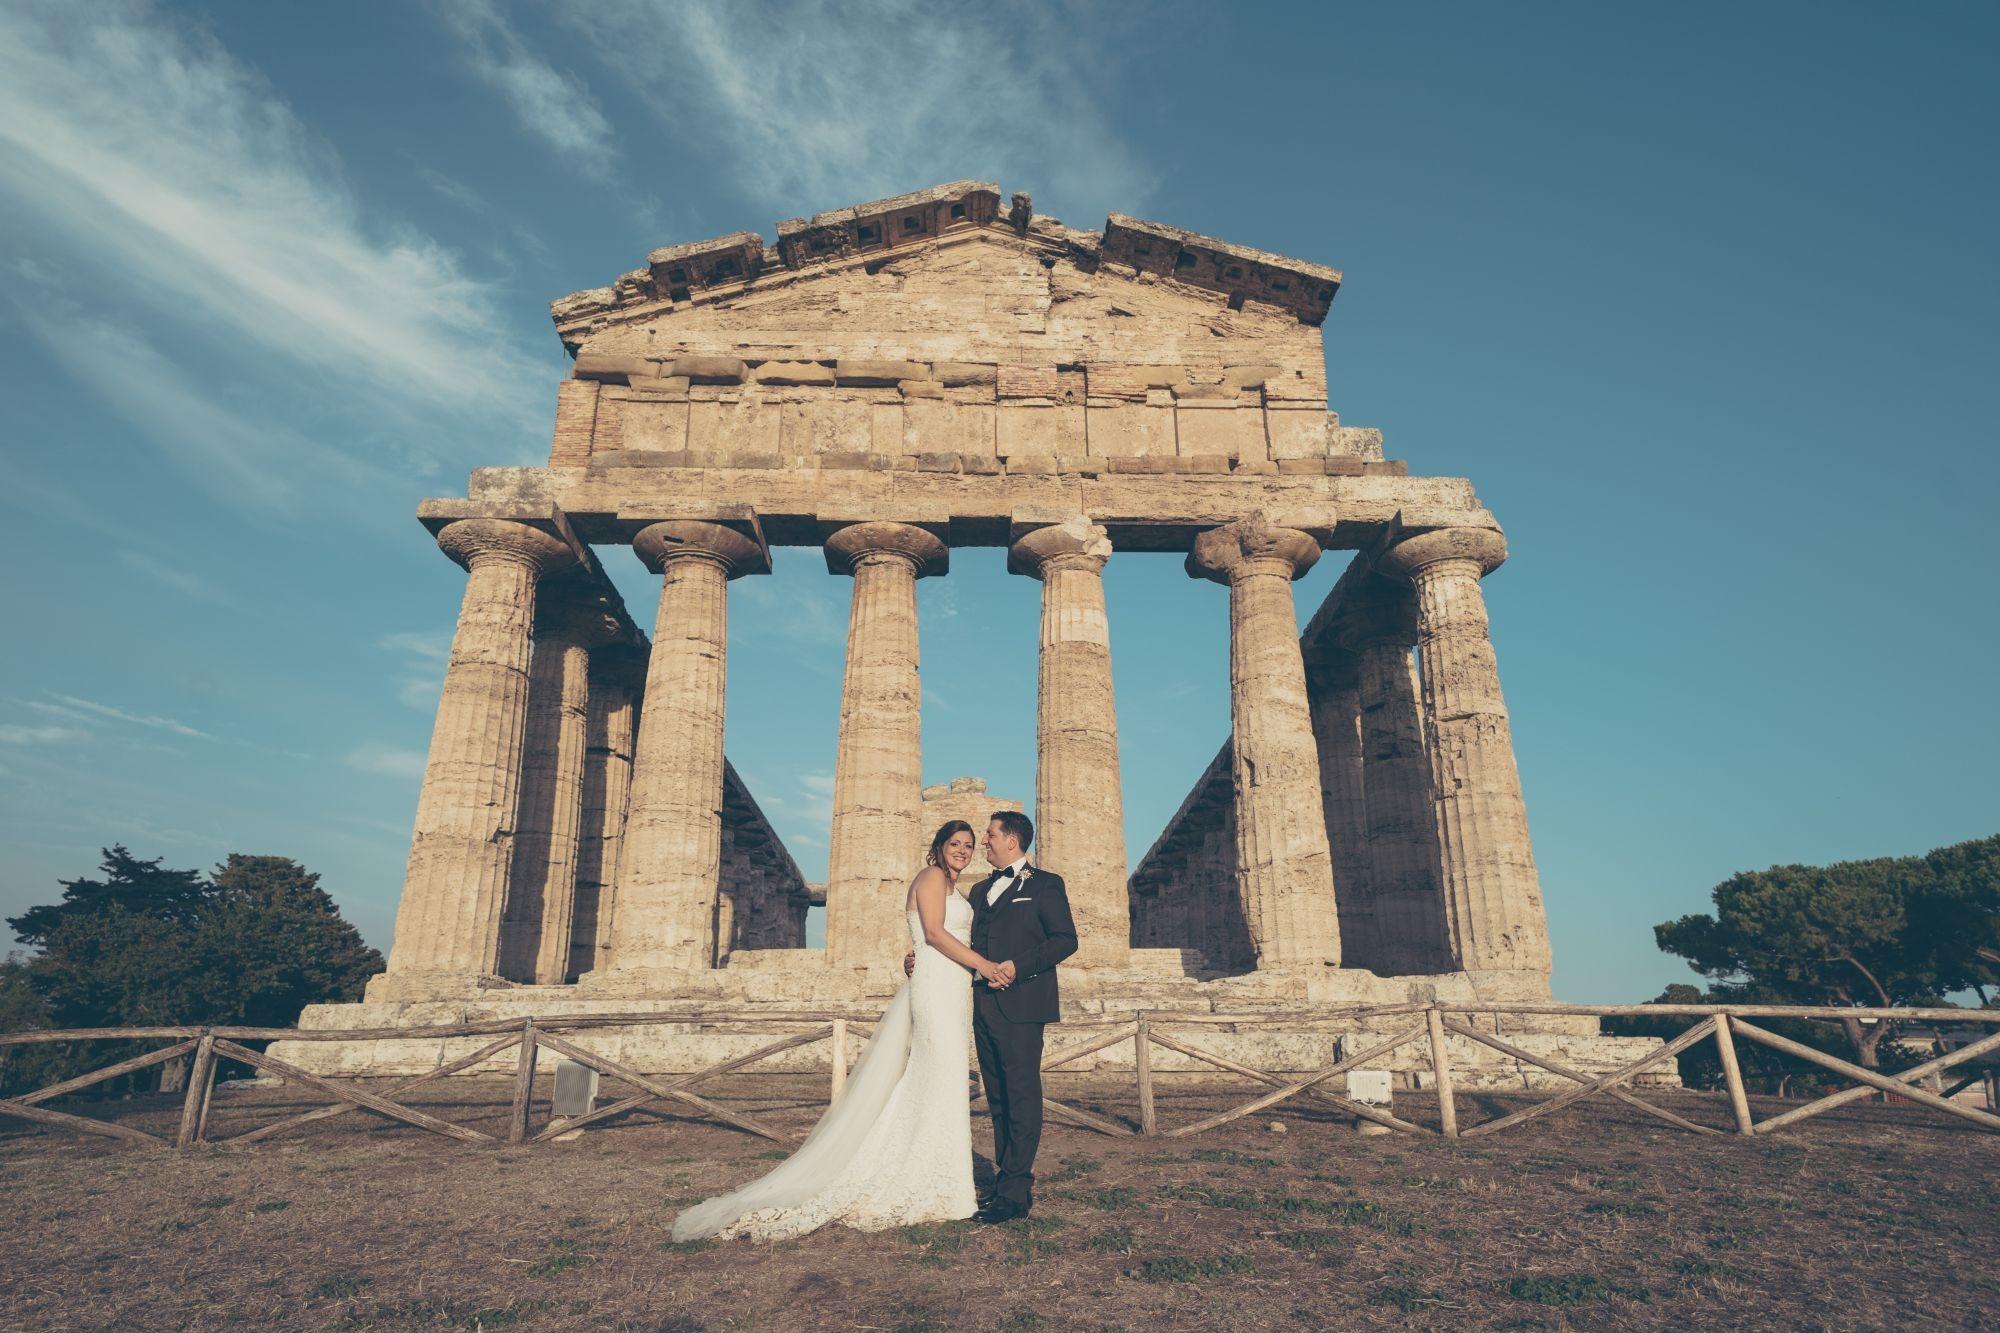 ROMANTIC WEDDING AT PAESTUM, ITALY